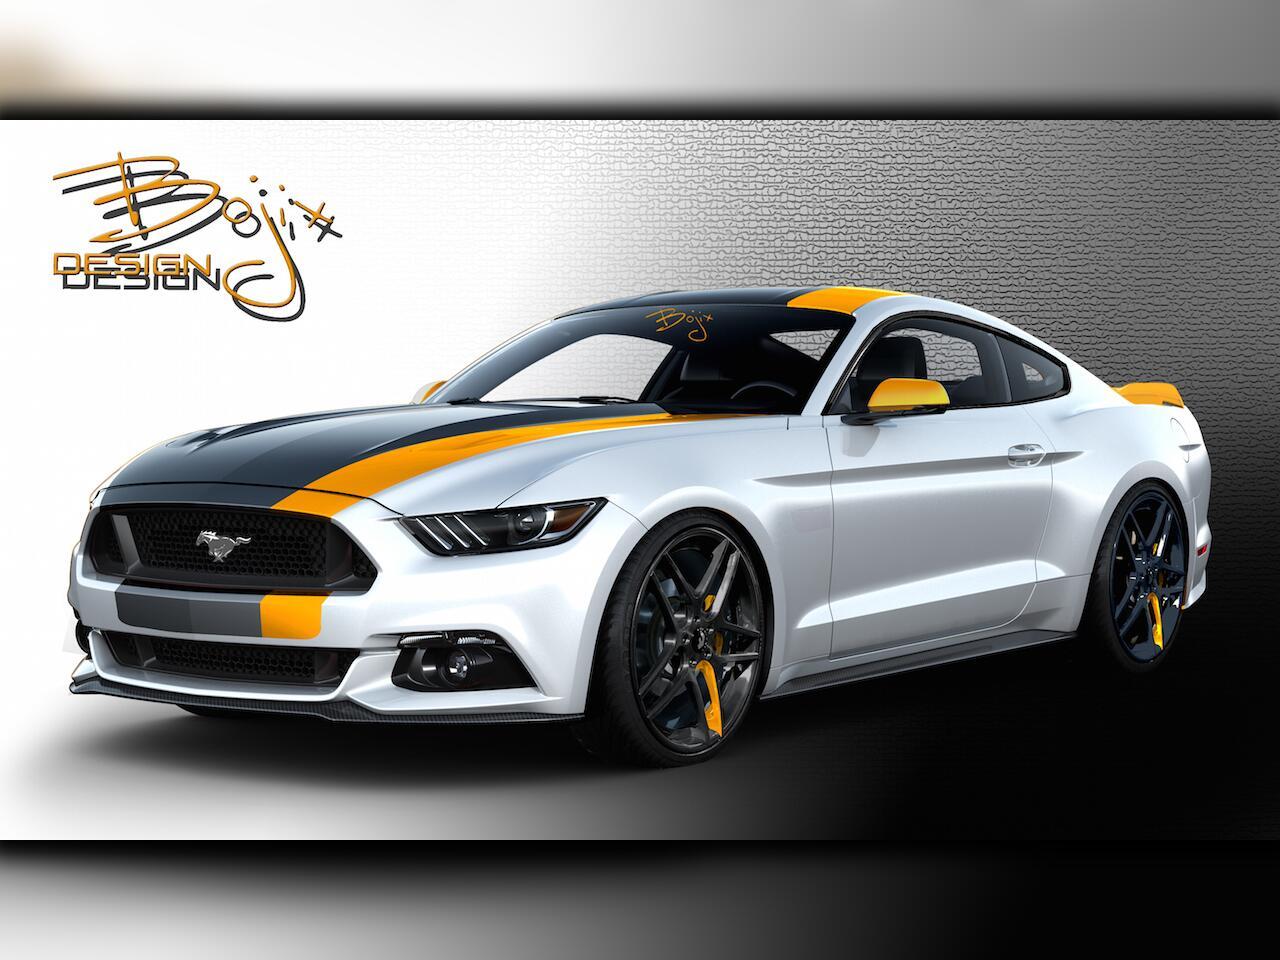 Bild zu Ford Mustang von Bojix Design